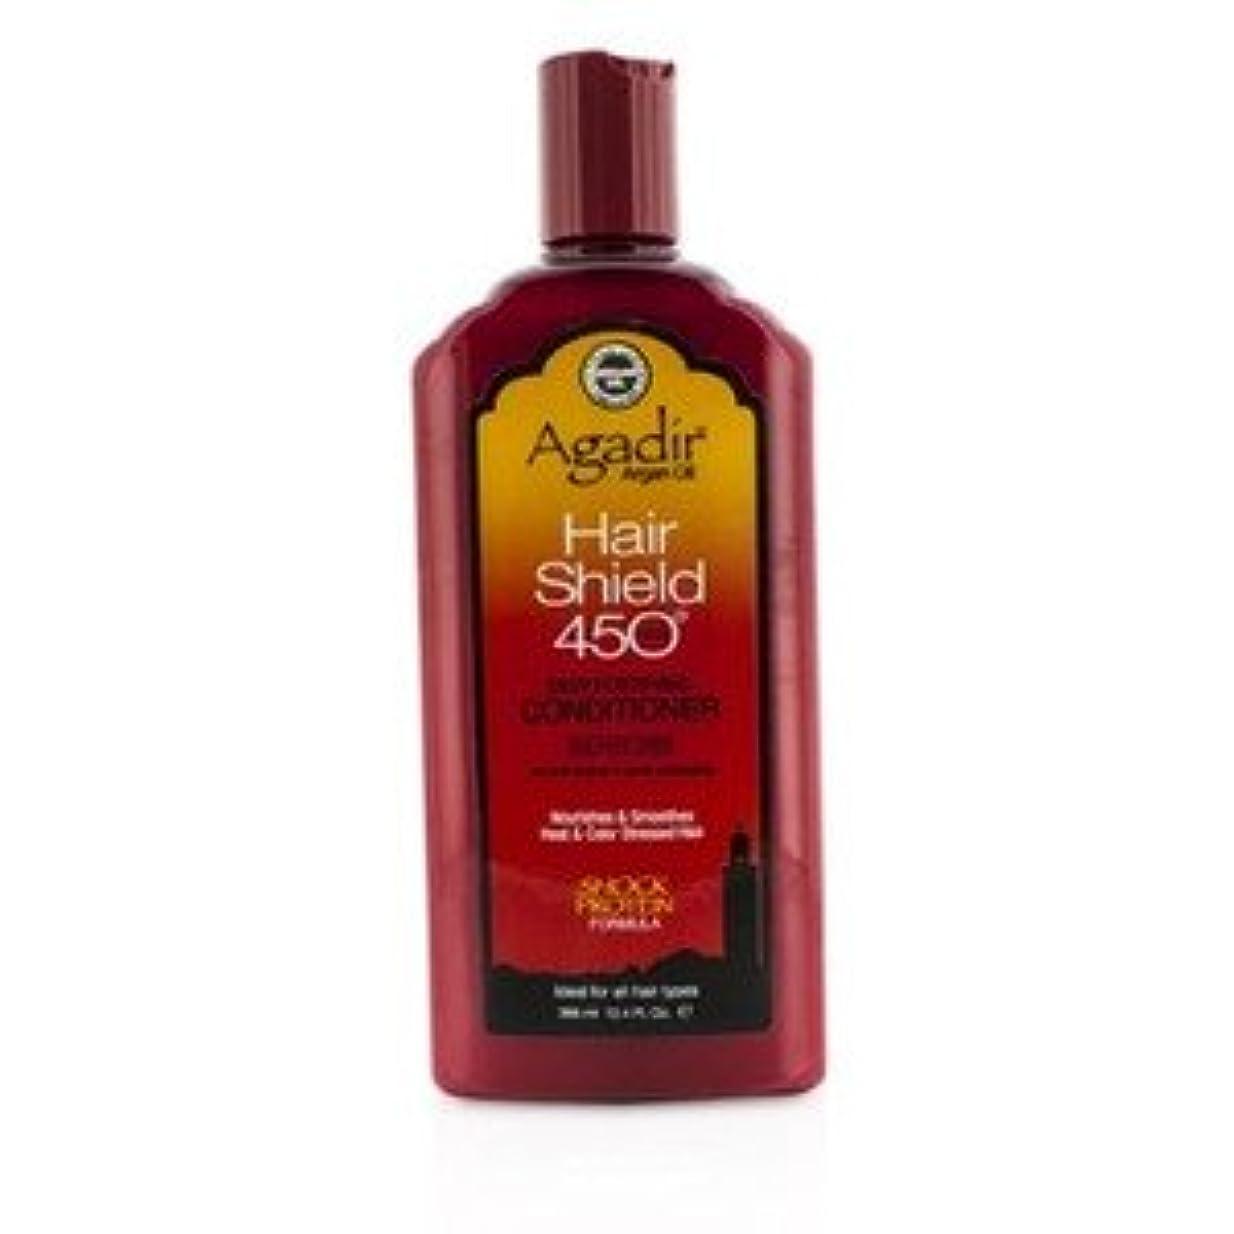 参加する財布大アガディール(Agadir) ヘア シールド 450 プラス ディープ フォーティファイング コンディショナー - サルフェートフリー(For All Hair Types) 366ml/12.4oz [並行輸入品]